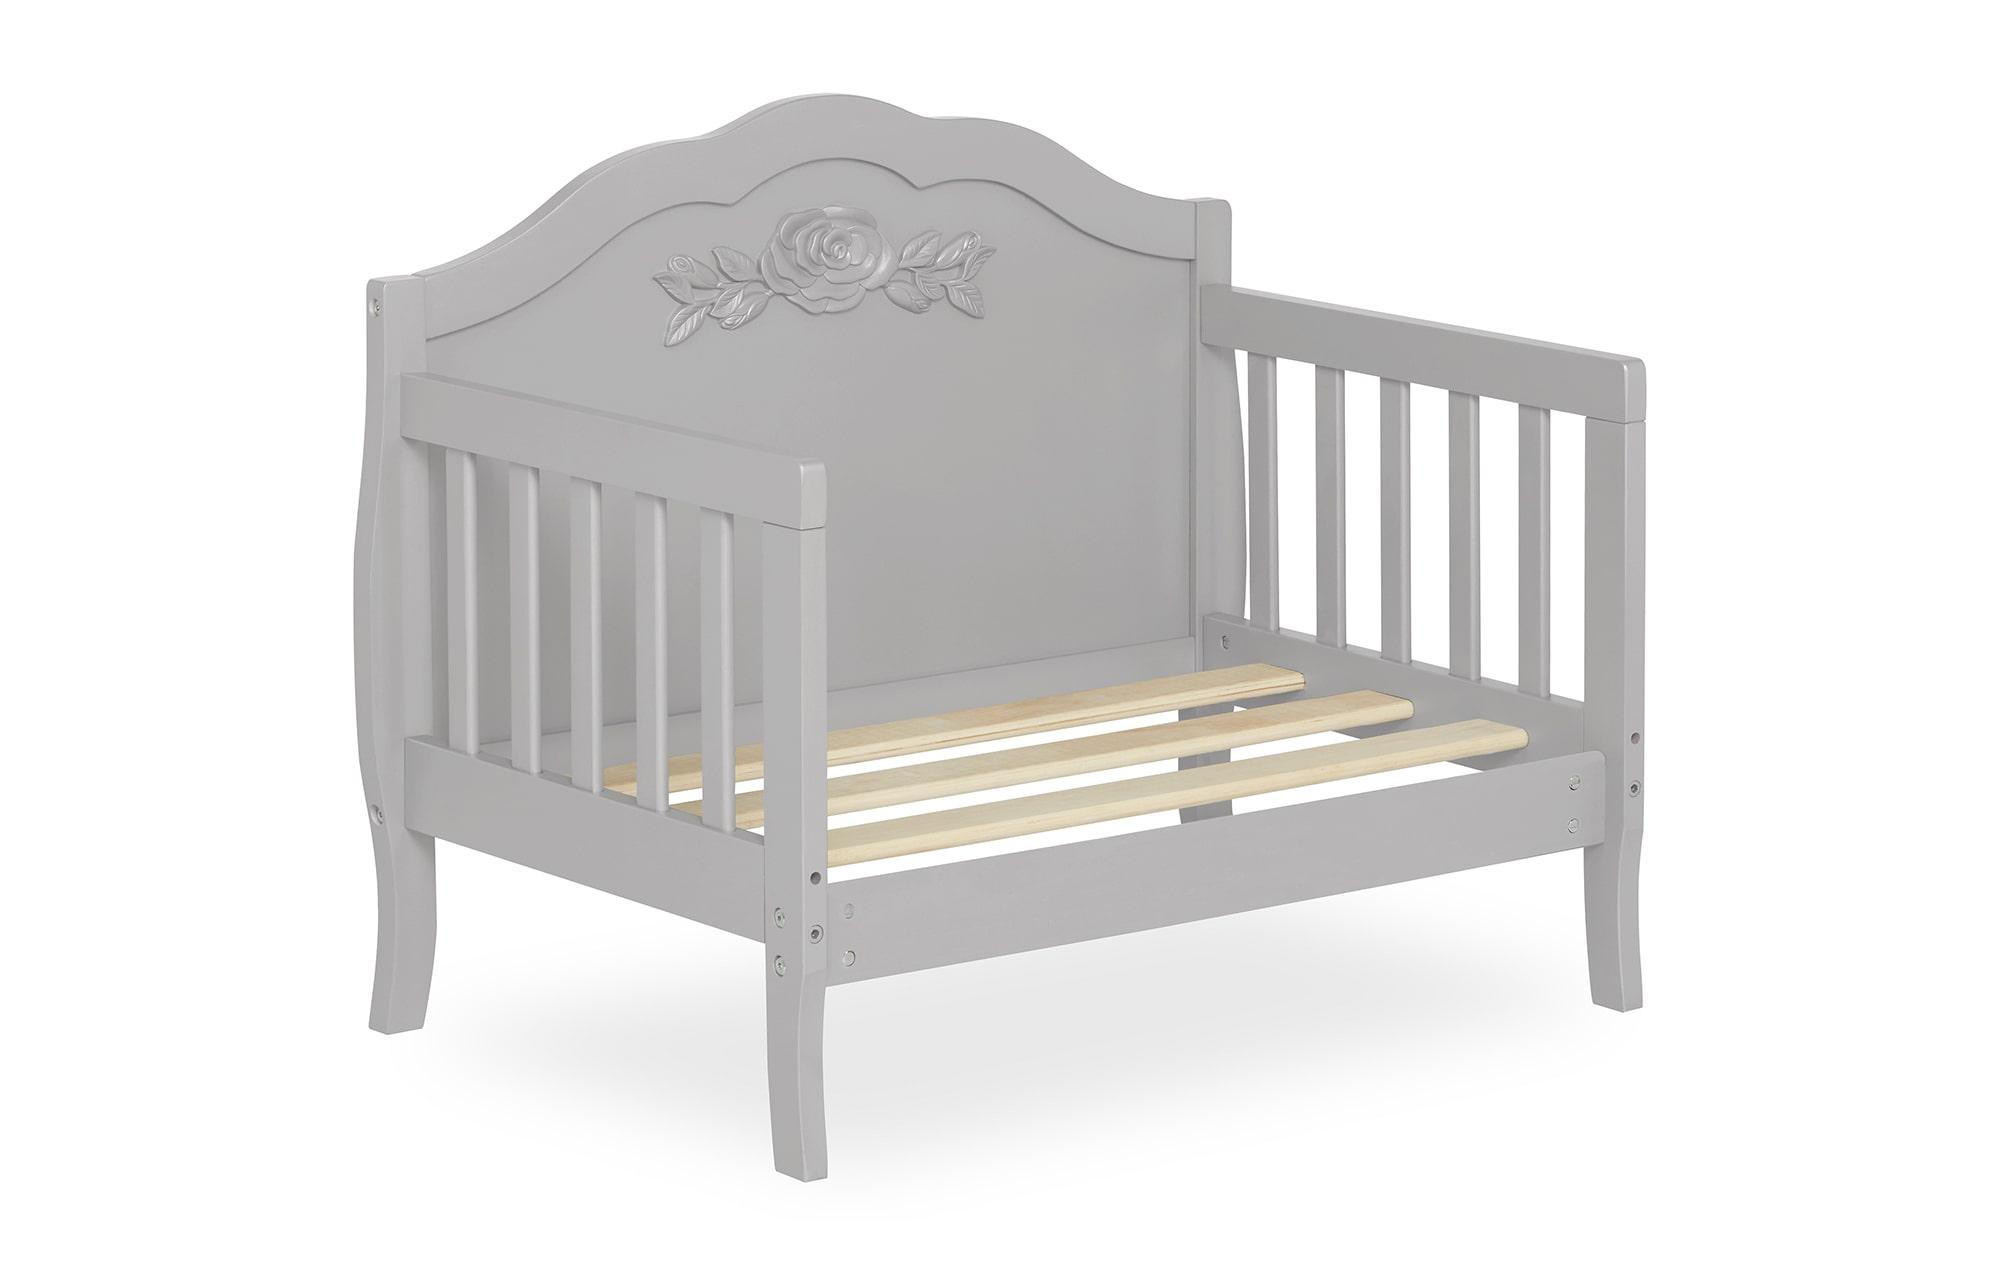 640_PLTM Rose Toddler Bed Silo 9